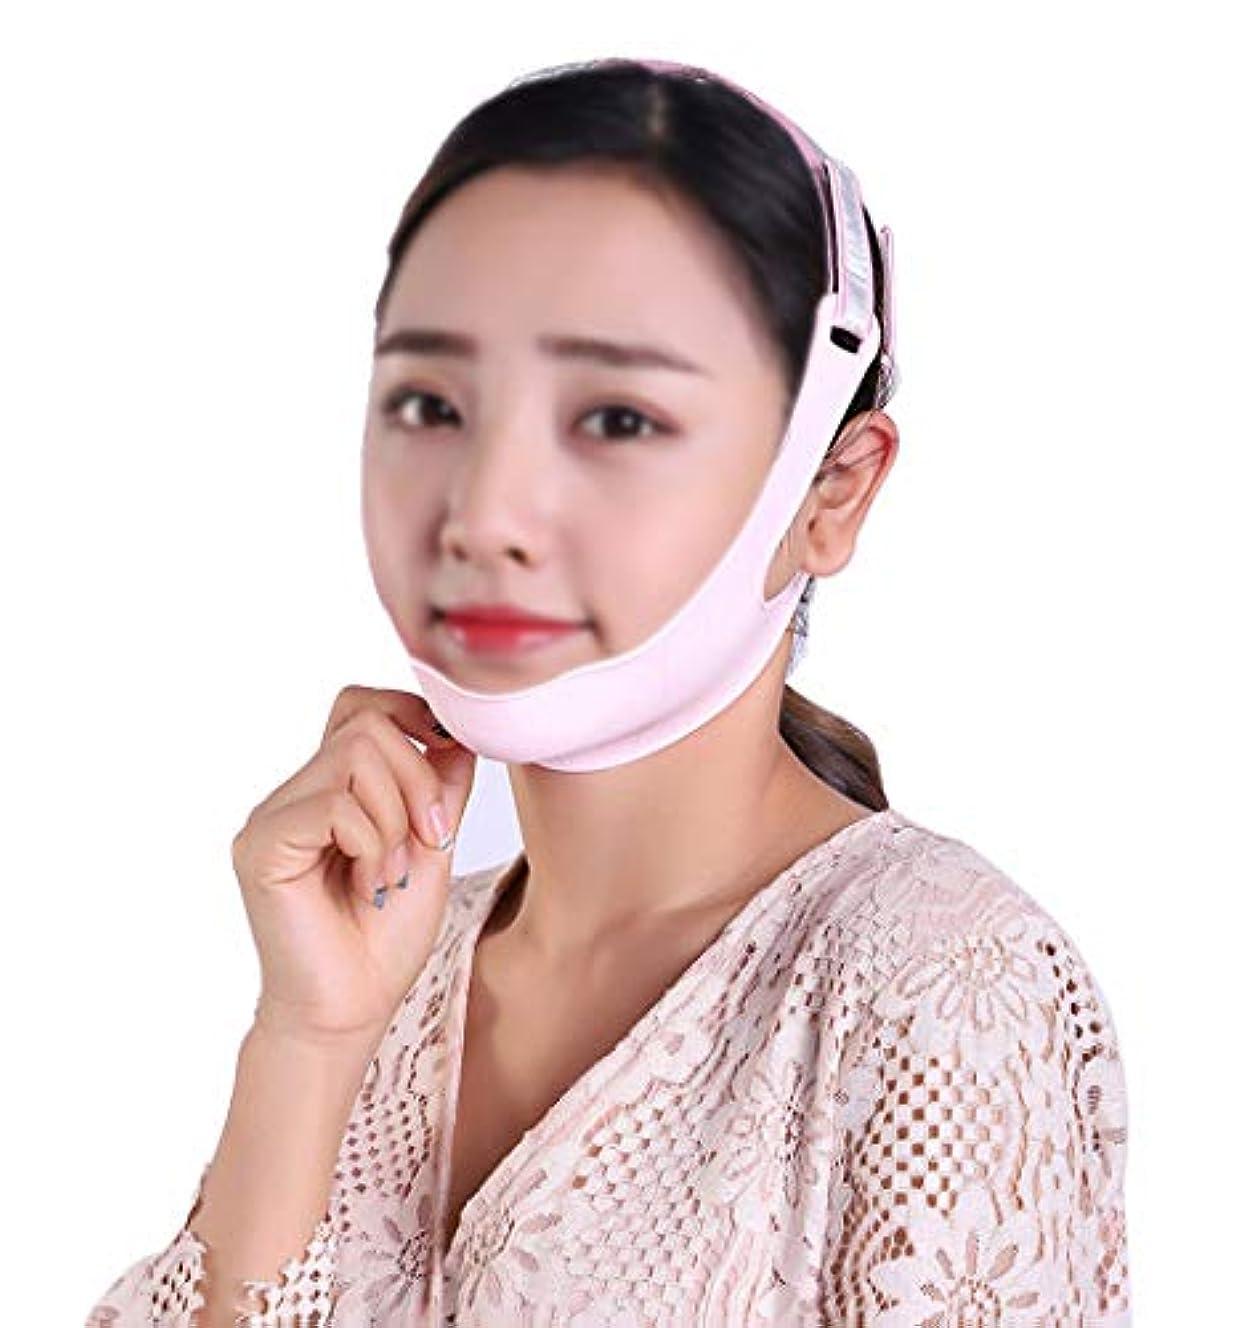 狂気刺激する処方GLJJQMY フェイシャルリフティングマスクシリコンVマスク引き締めフェイシャル包帯スモールVフェイスアーティファクト防止リラクゼーションフェイシャル&ネックリフティング 顔用整形マスク (Size : L)